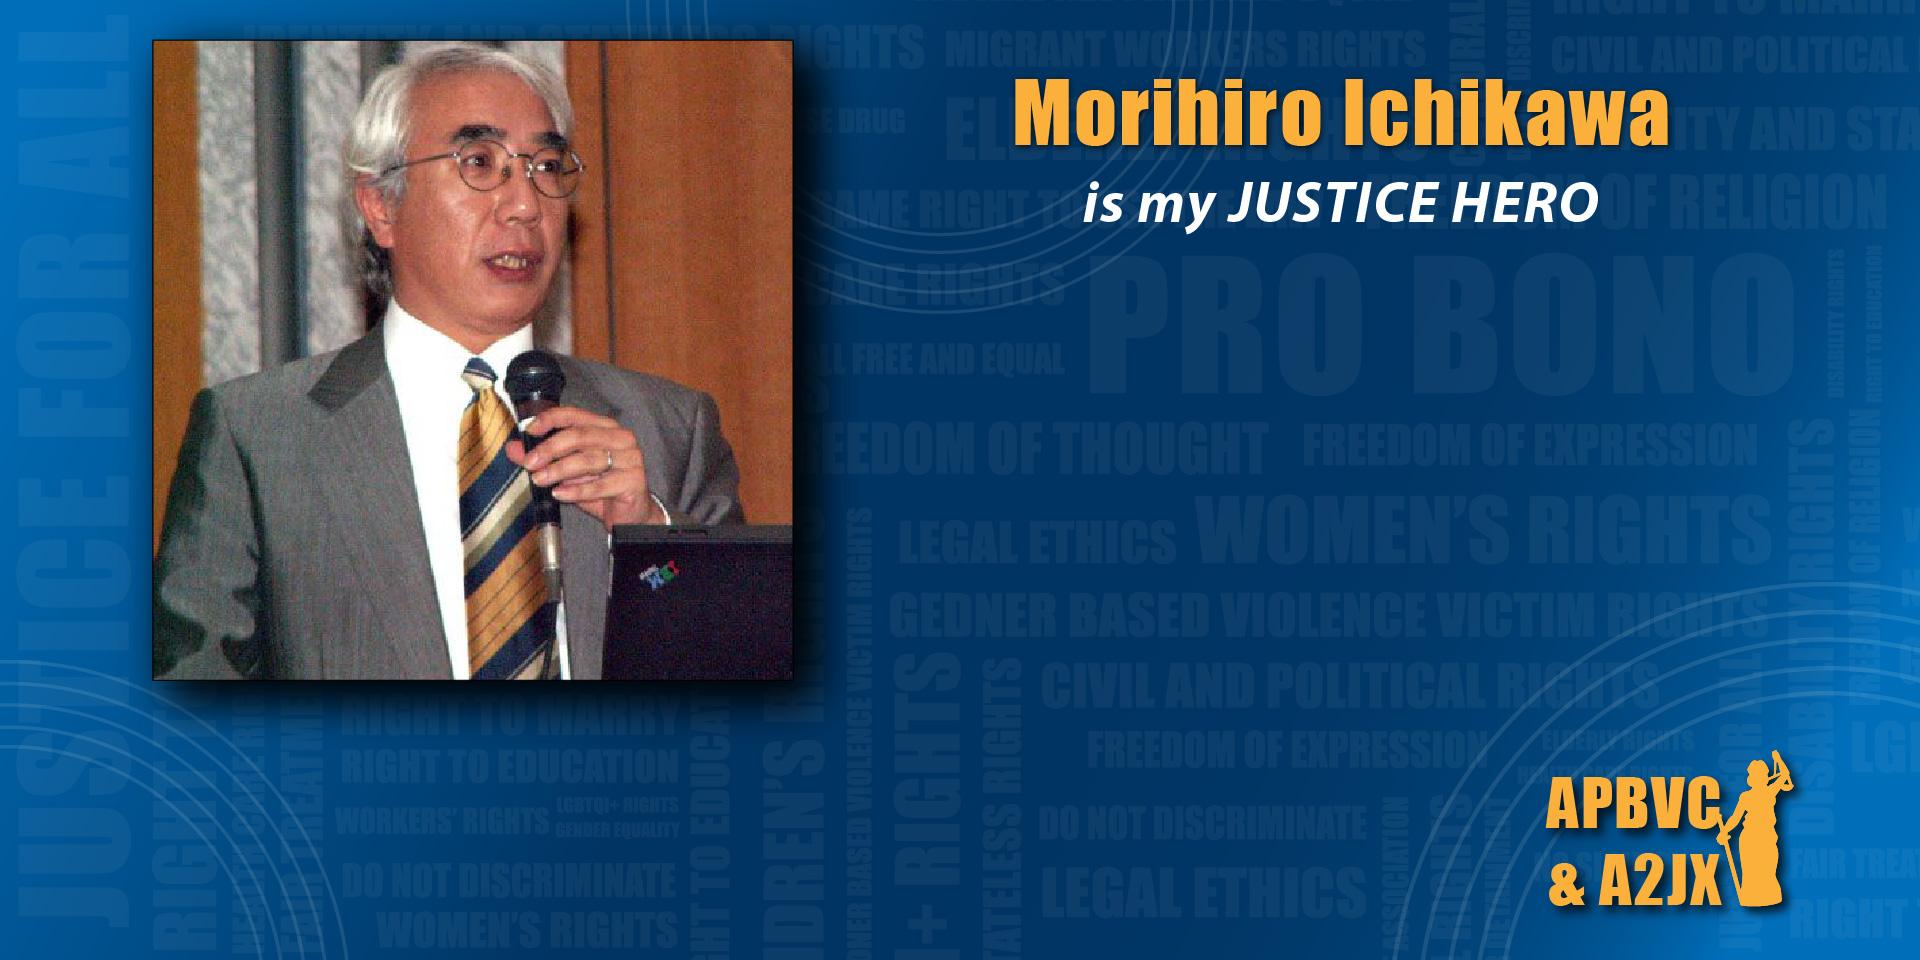 Morihiro Ichikawa